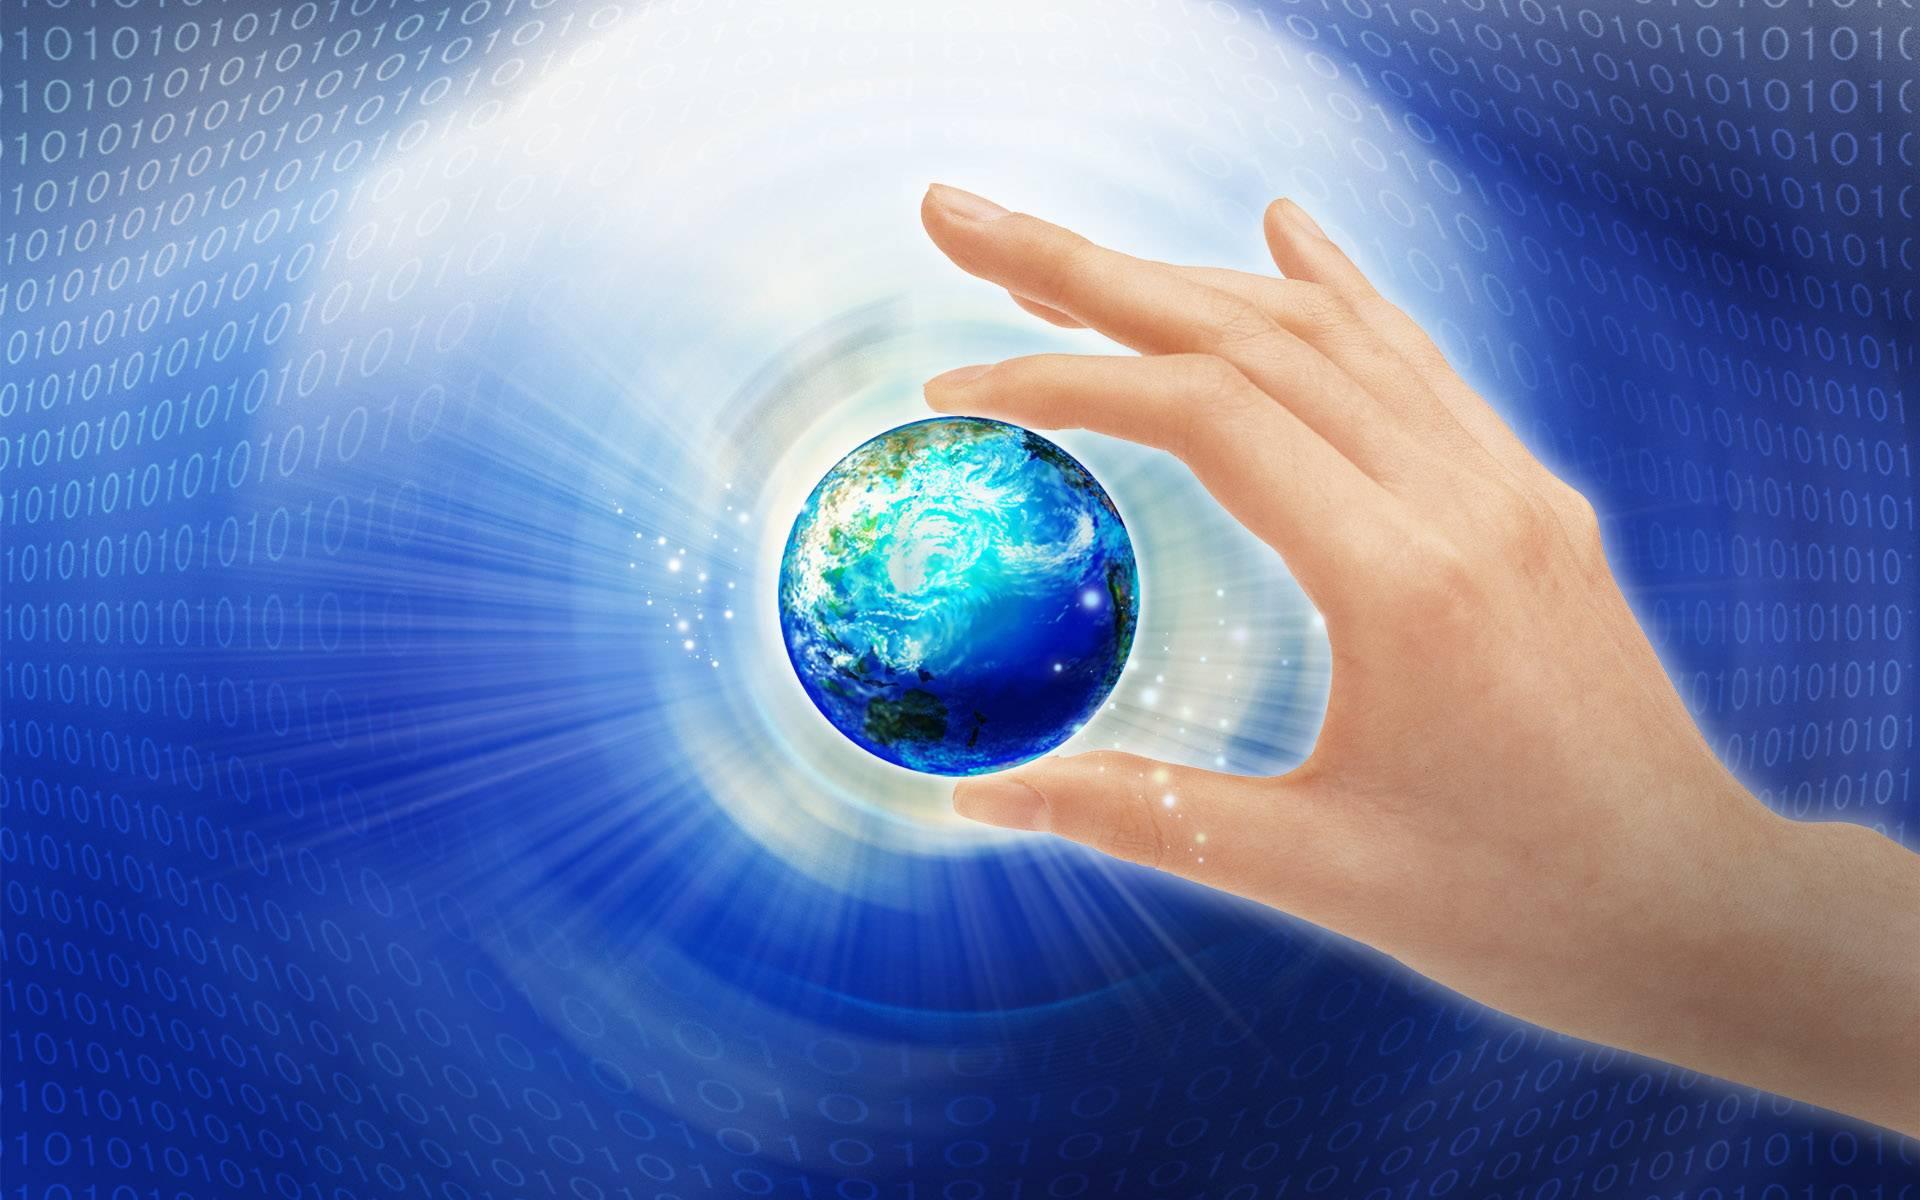 Психология: психологическое познание - бесплатные статьи по психологии в доме солнца